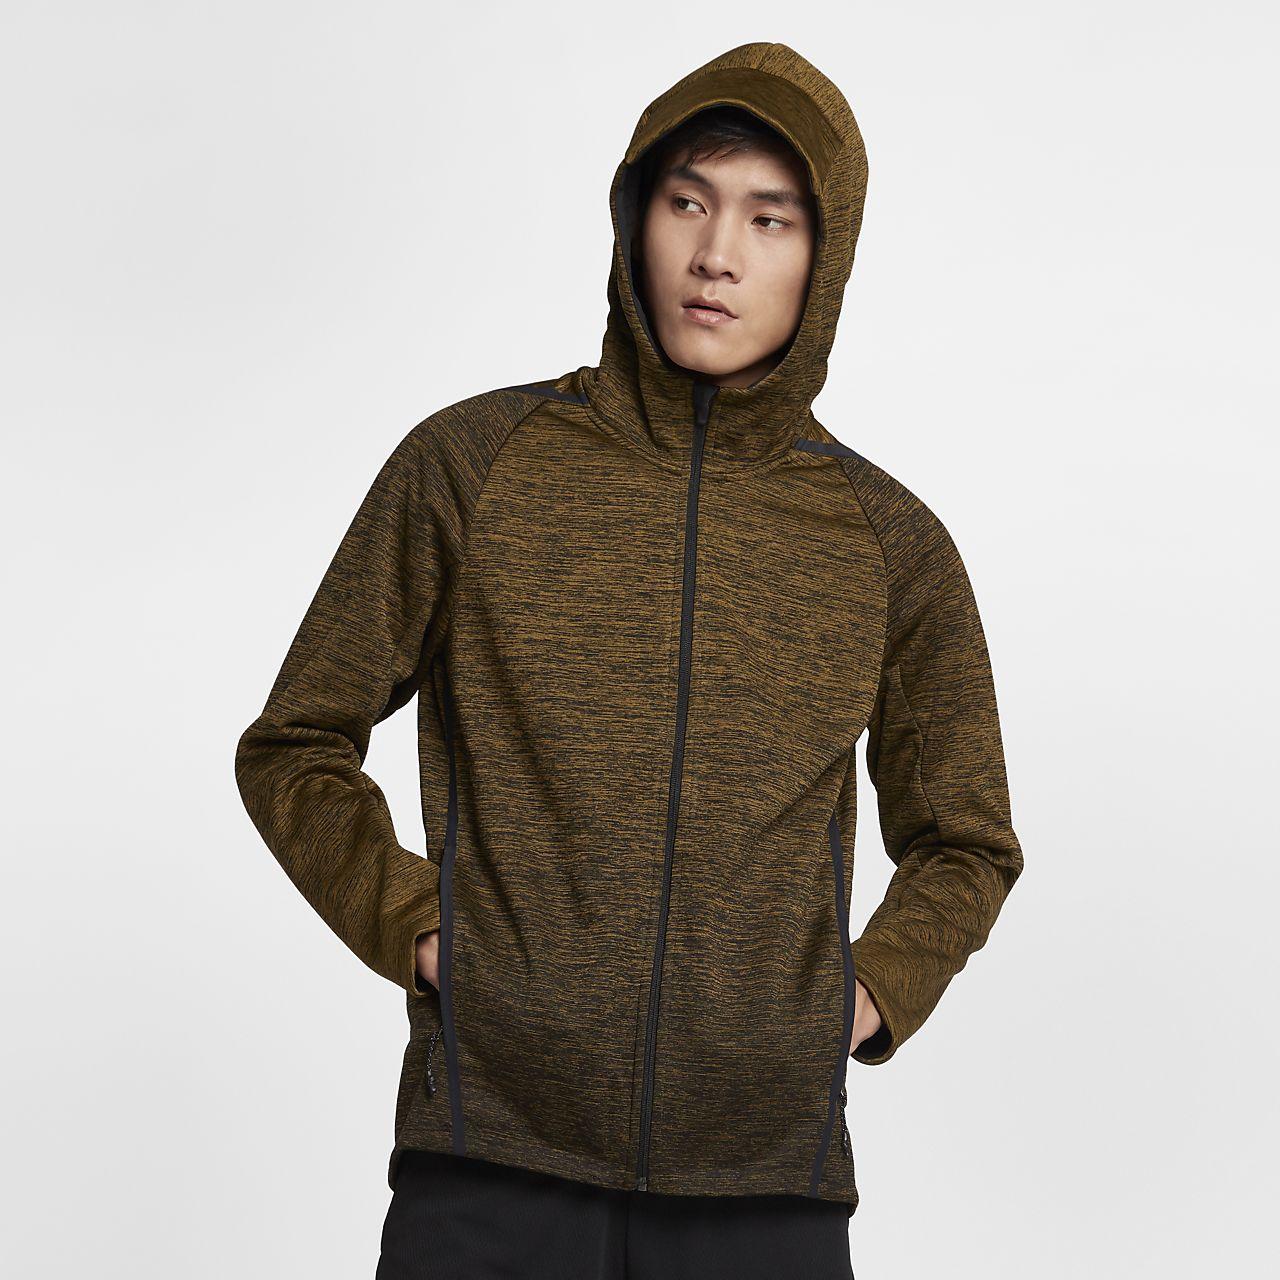 Veste de training Nike Therma Sphere Premium pour Homme